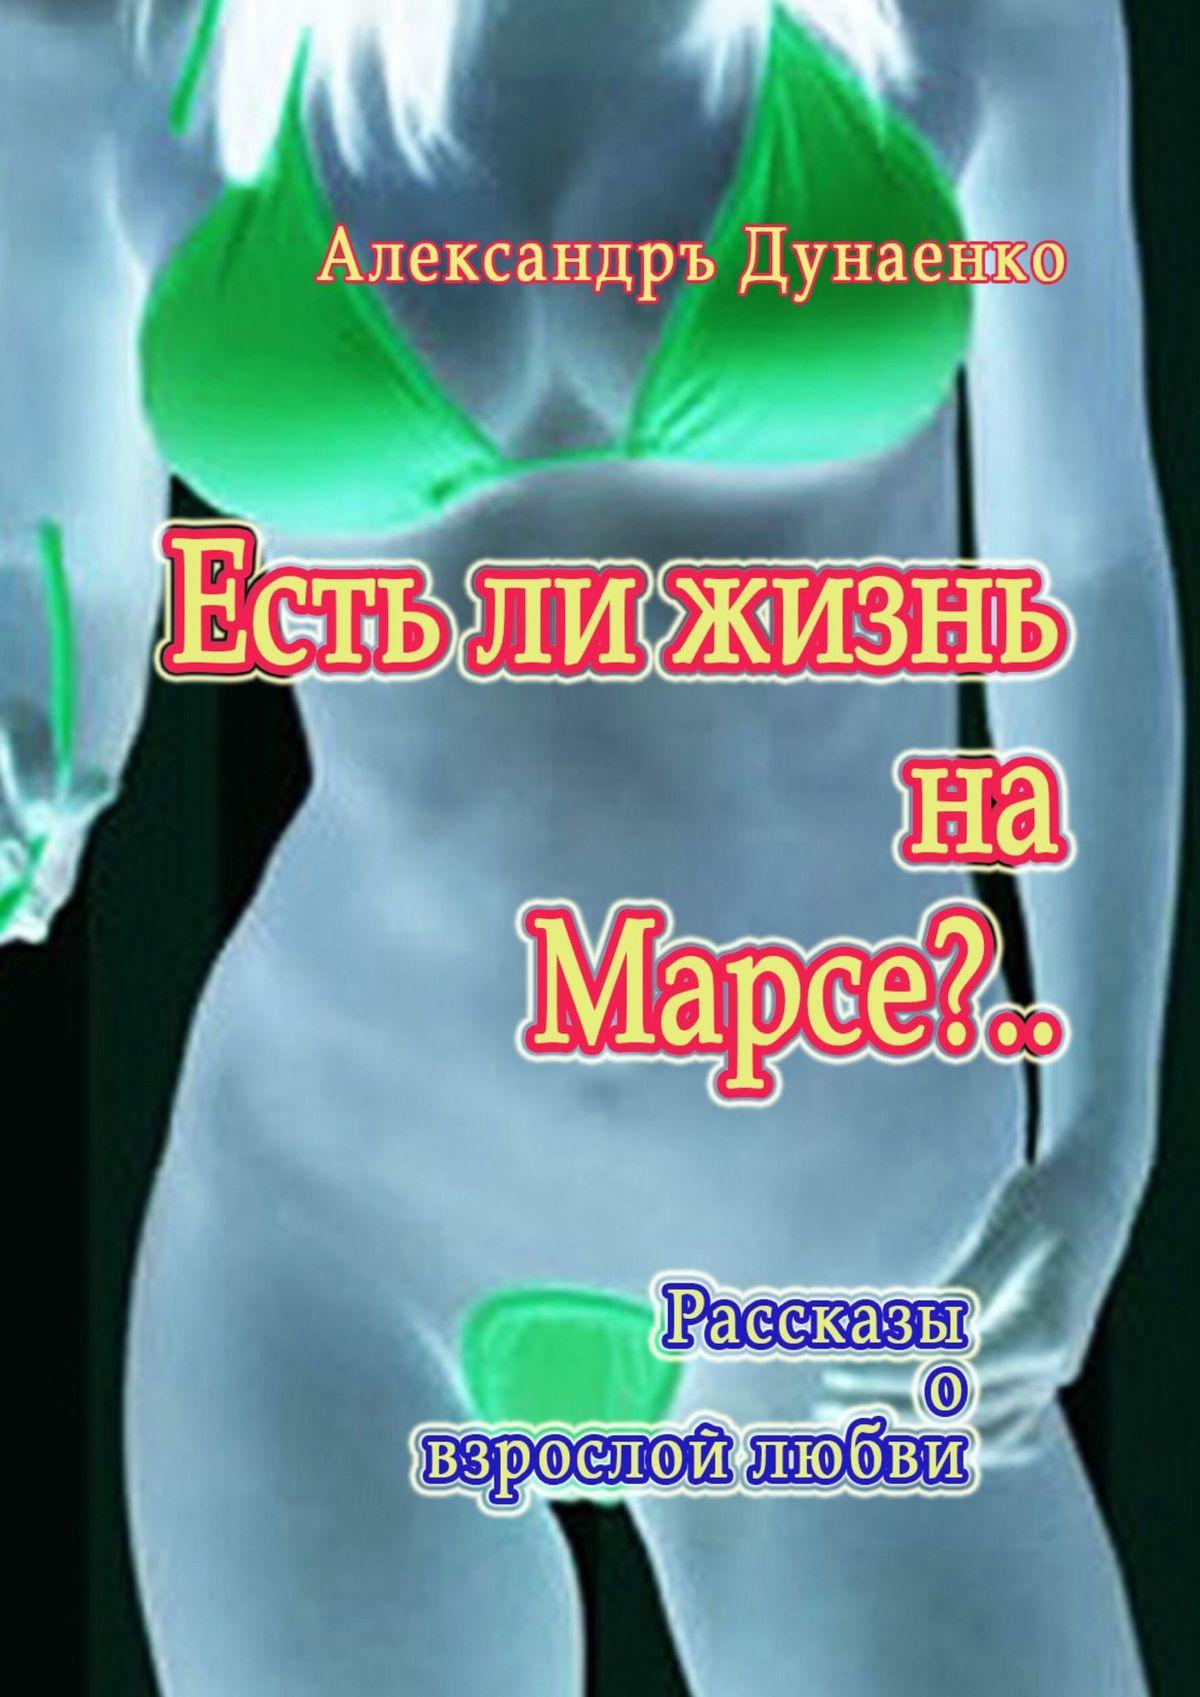 Александръ Дунаенко Естьли жизнь наМарсе?.. Рассказы о взрослой любви цены